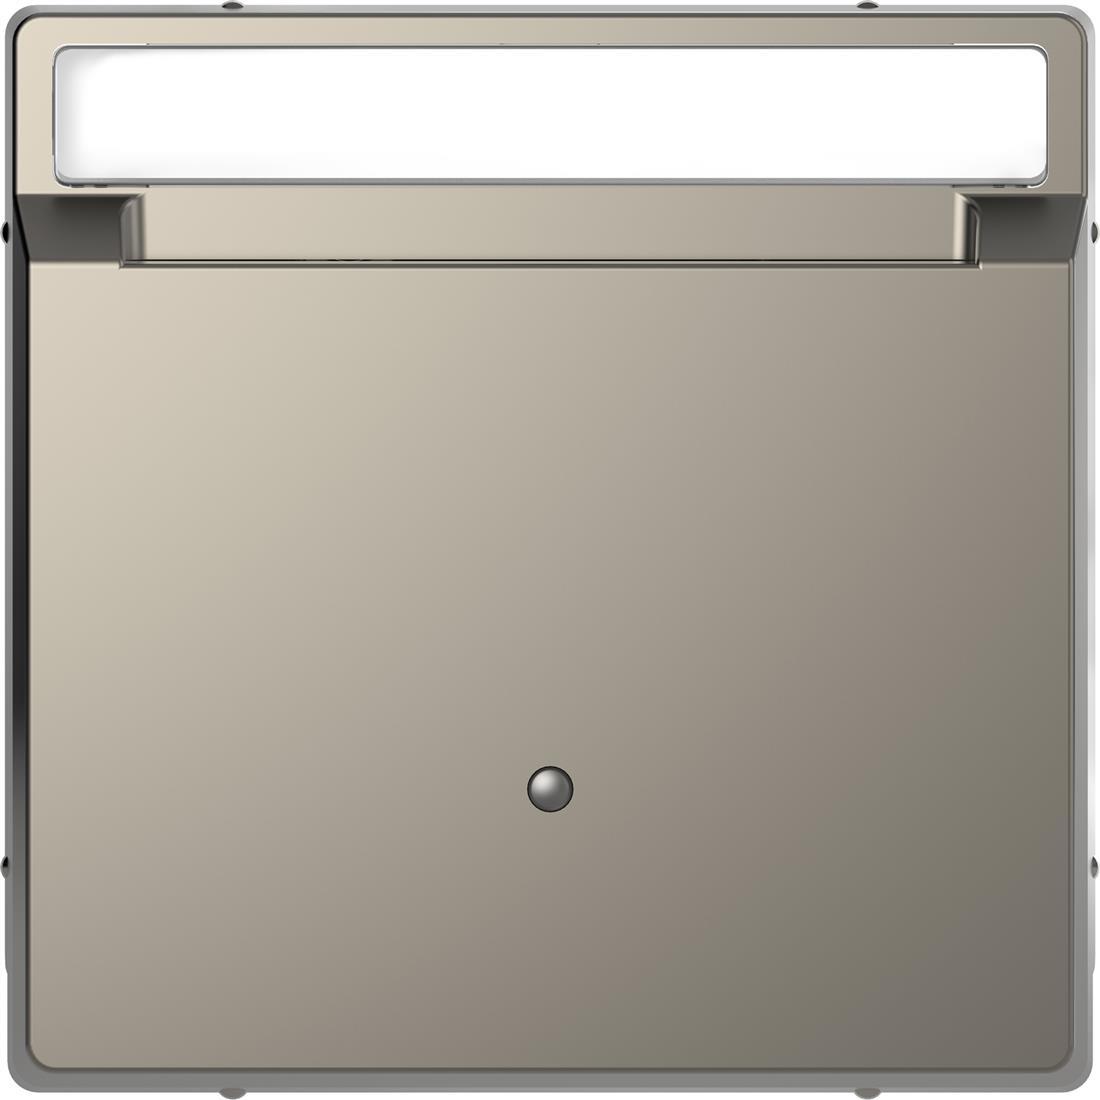 Schneider-Merten D Life kaartschakelaar met tekstvenster - nikkel metallic (MTN3854-6050)